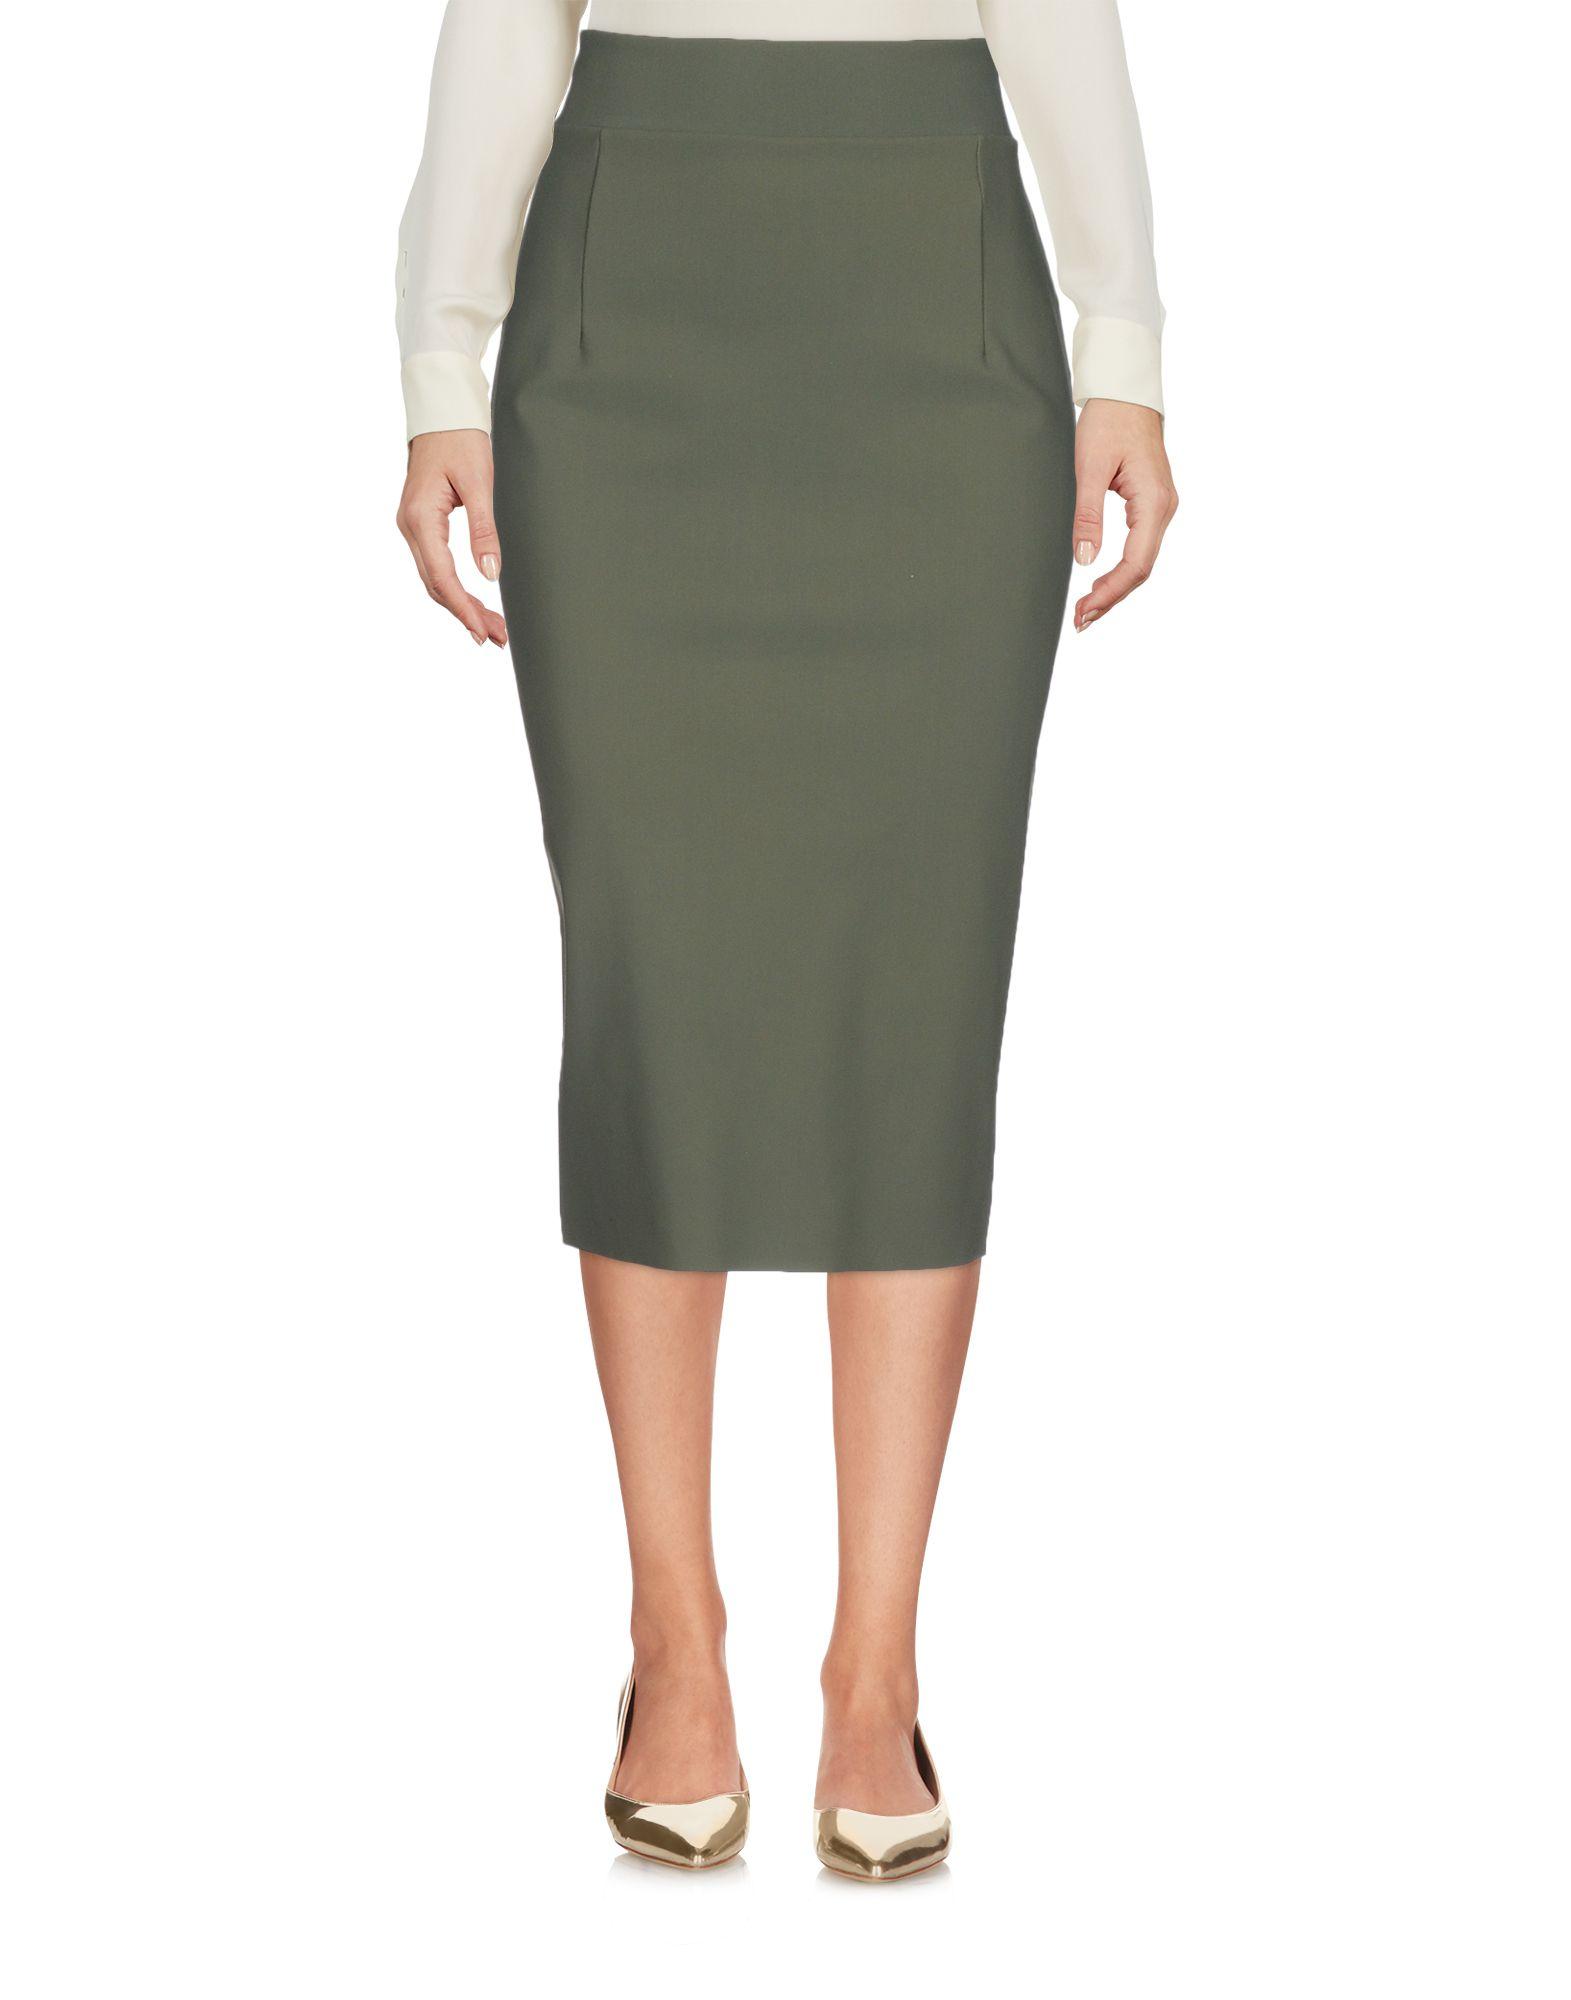 CHIARA BONI LA PETITE ROBE Юбка длиной 3/4 petite couture by chiara cucconi длинная юбка